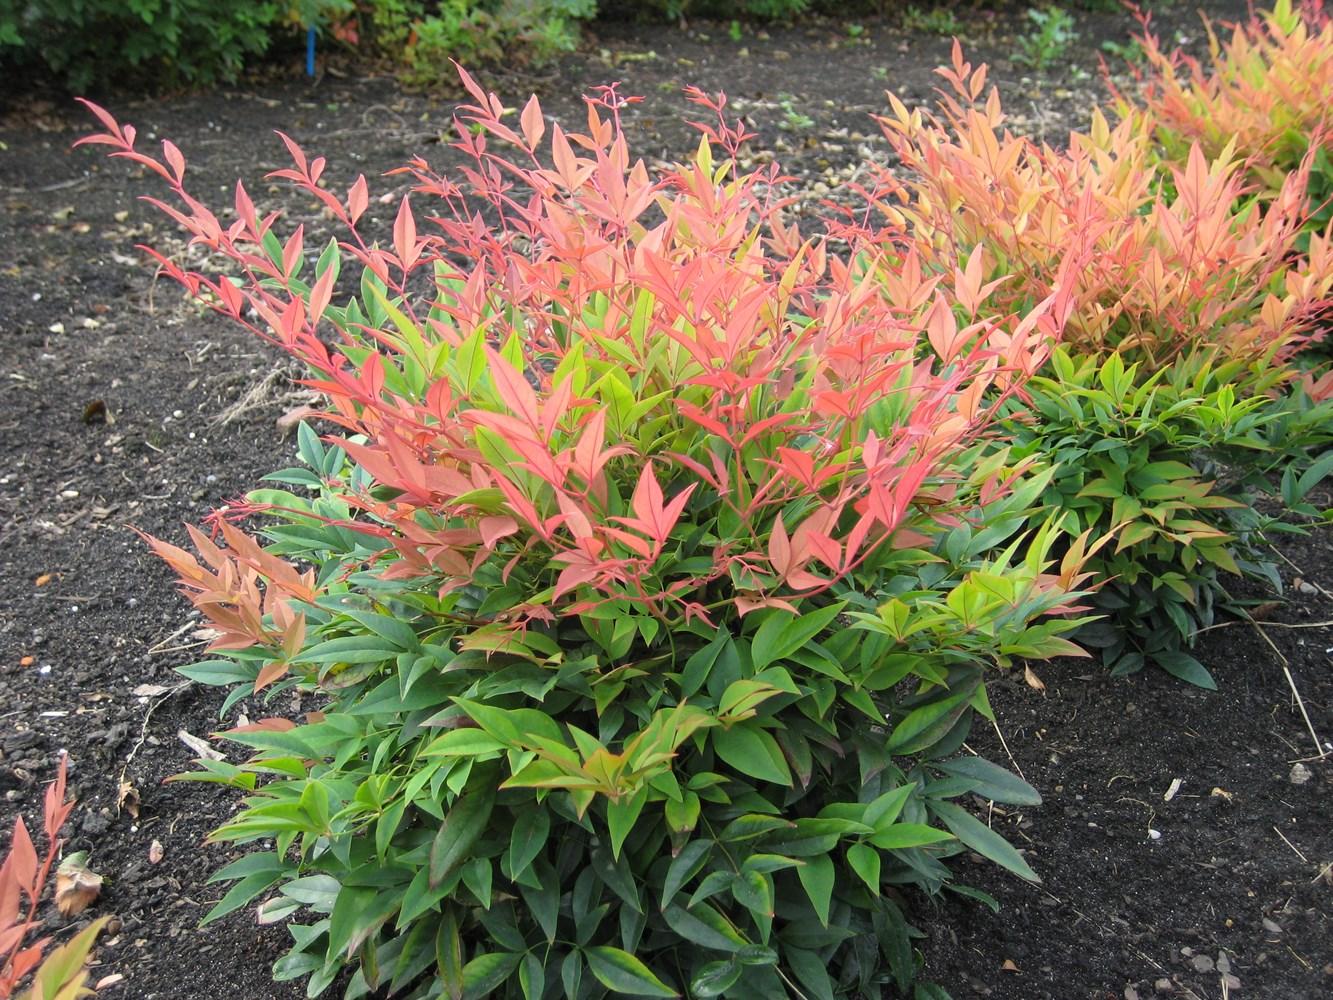 Website/Plants/2144398968/Images/Gallery/n_magical_sunrise_04.0.jpg